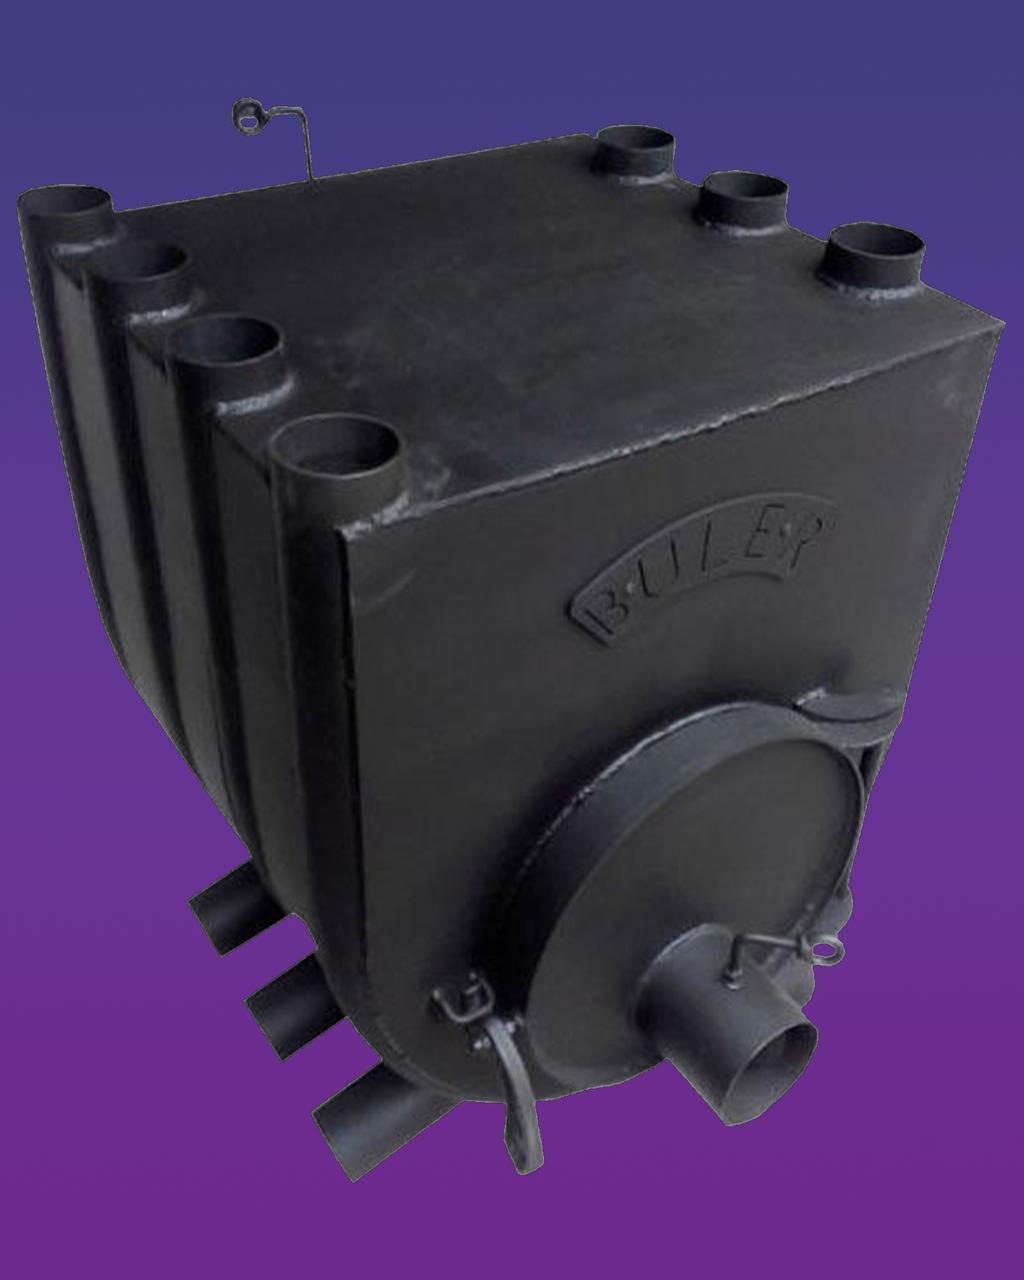 Піч Буллер опалювально варильна 02 - 500 м3 (Bullerjan), 18 кВт